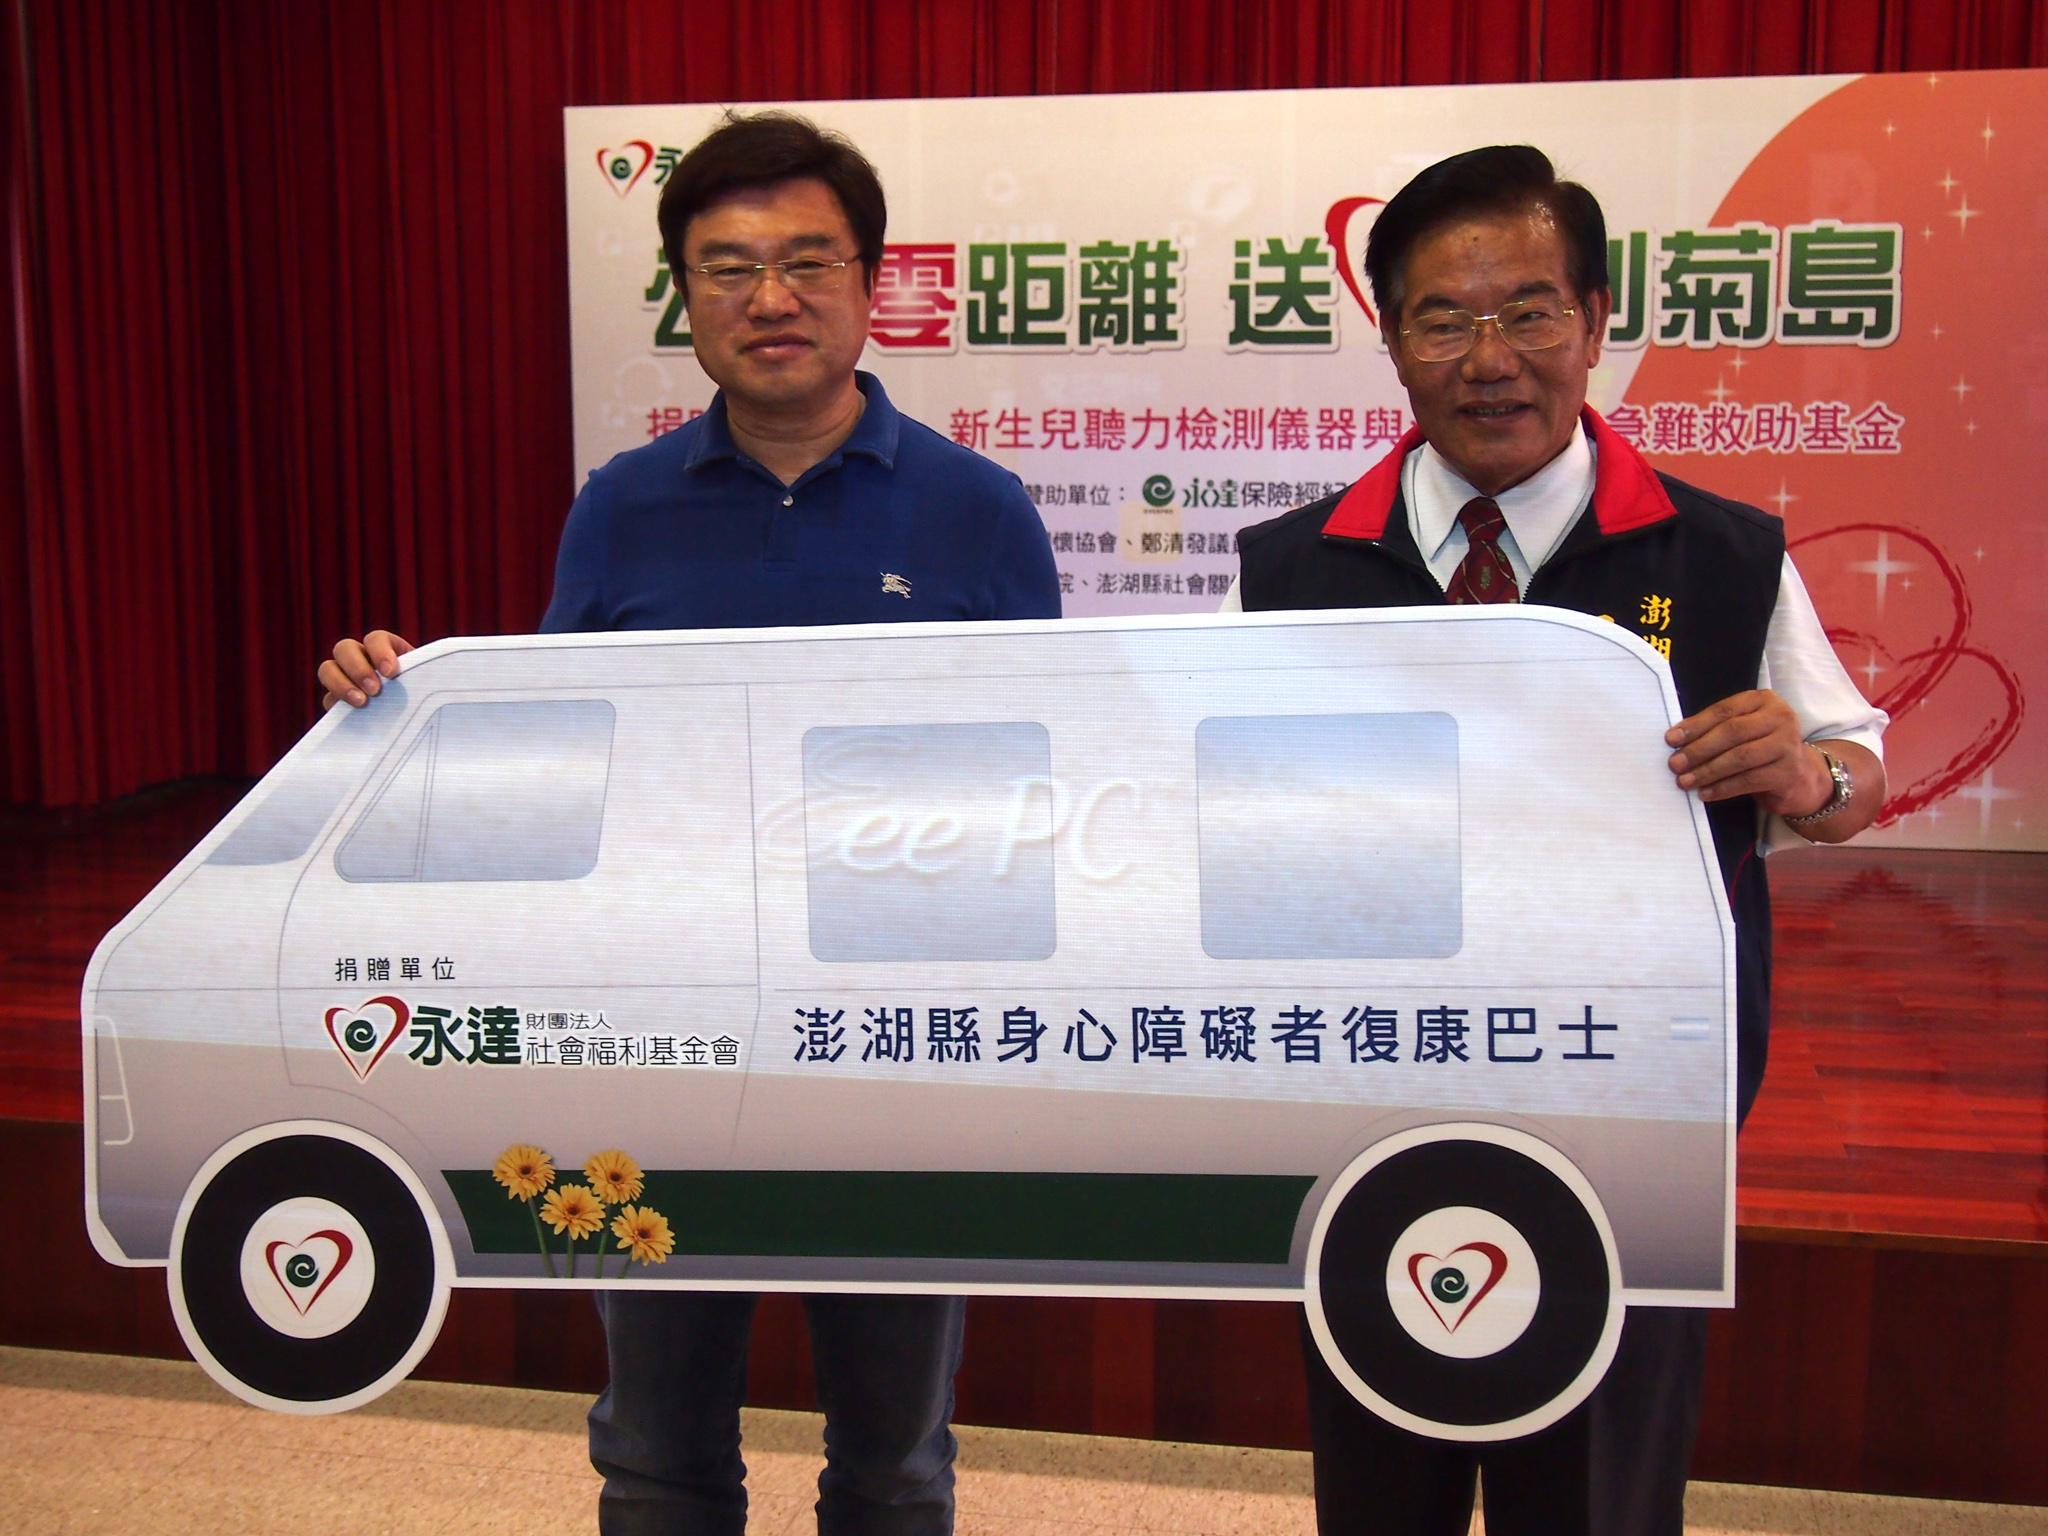 永達吳文永董事長(圖左)代表捐贈復康巴士購置經費予澎湖縣政府,由王乾發縣長(圖右)代表受贈。